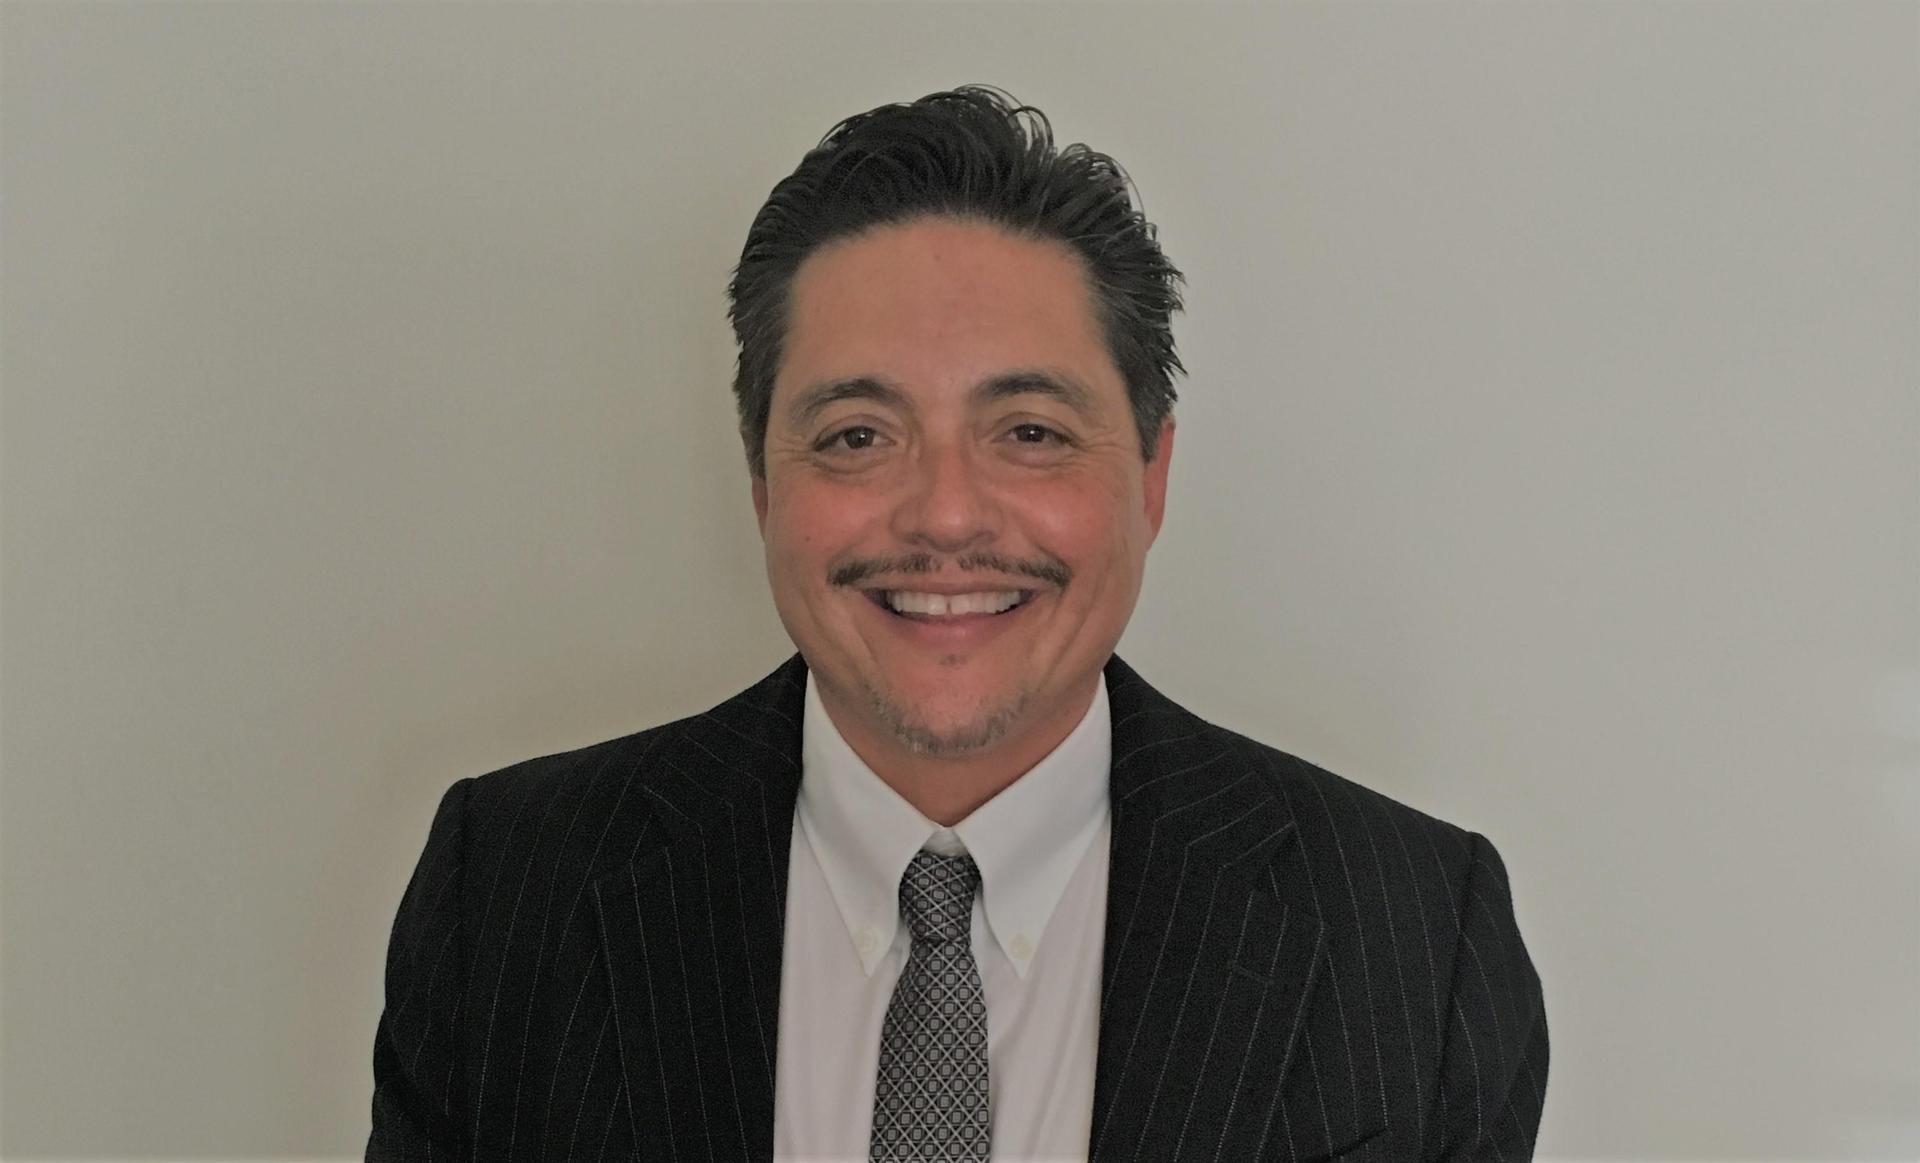 Principal Salas